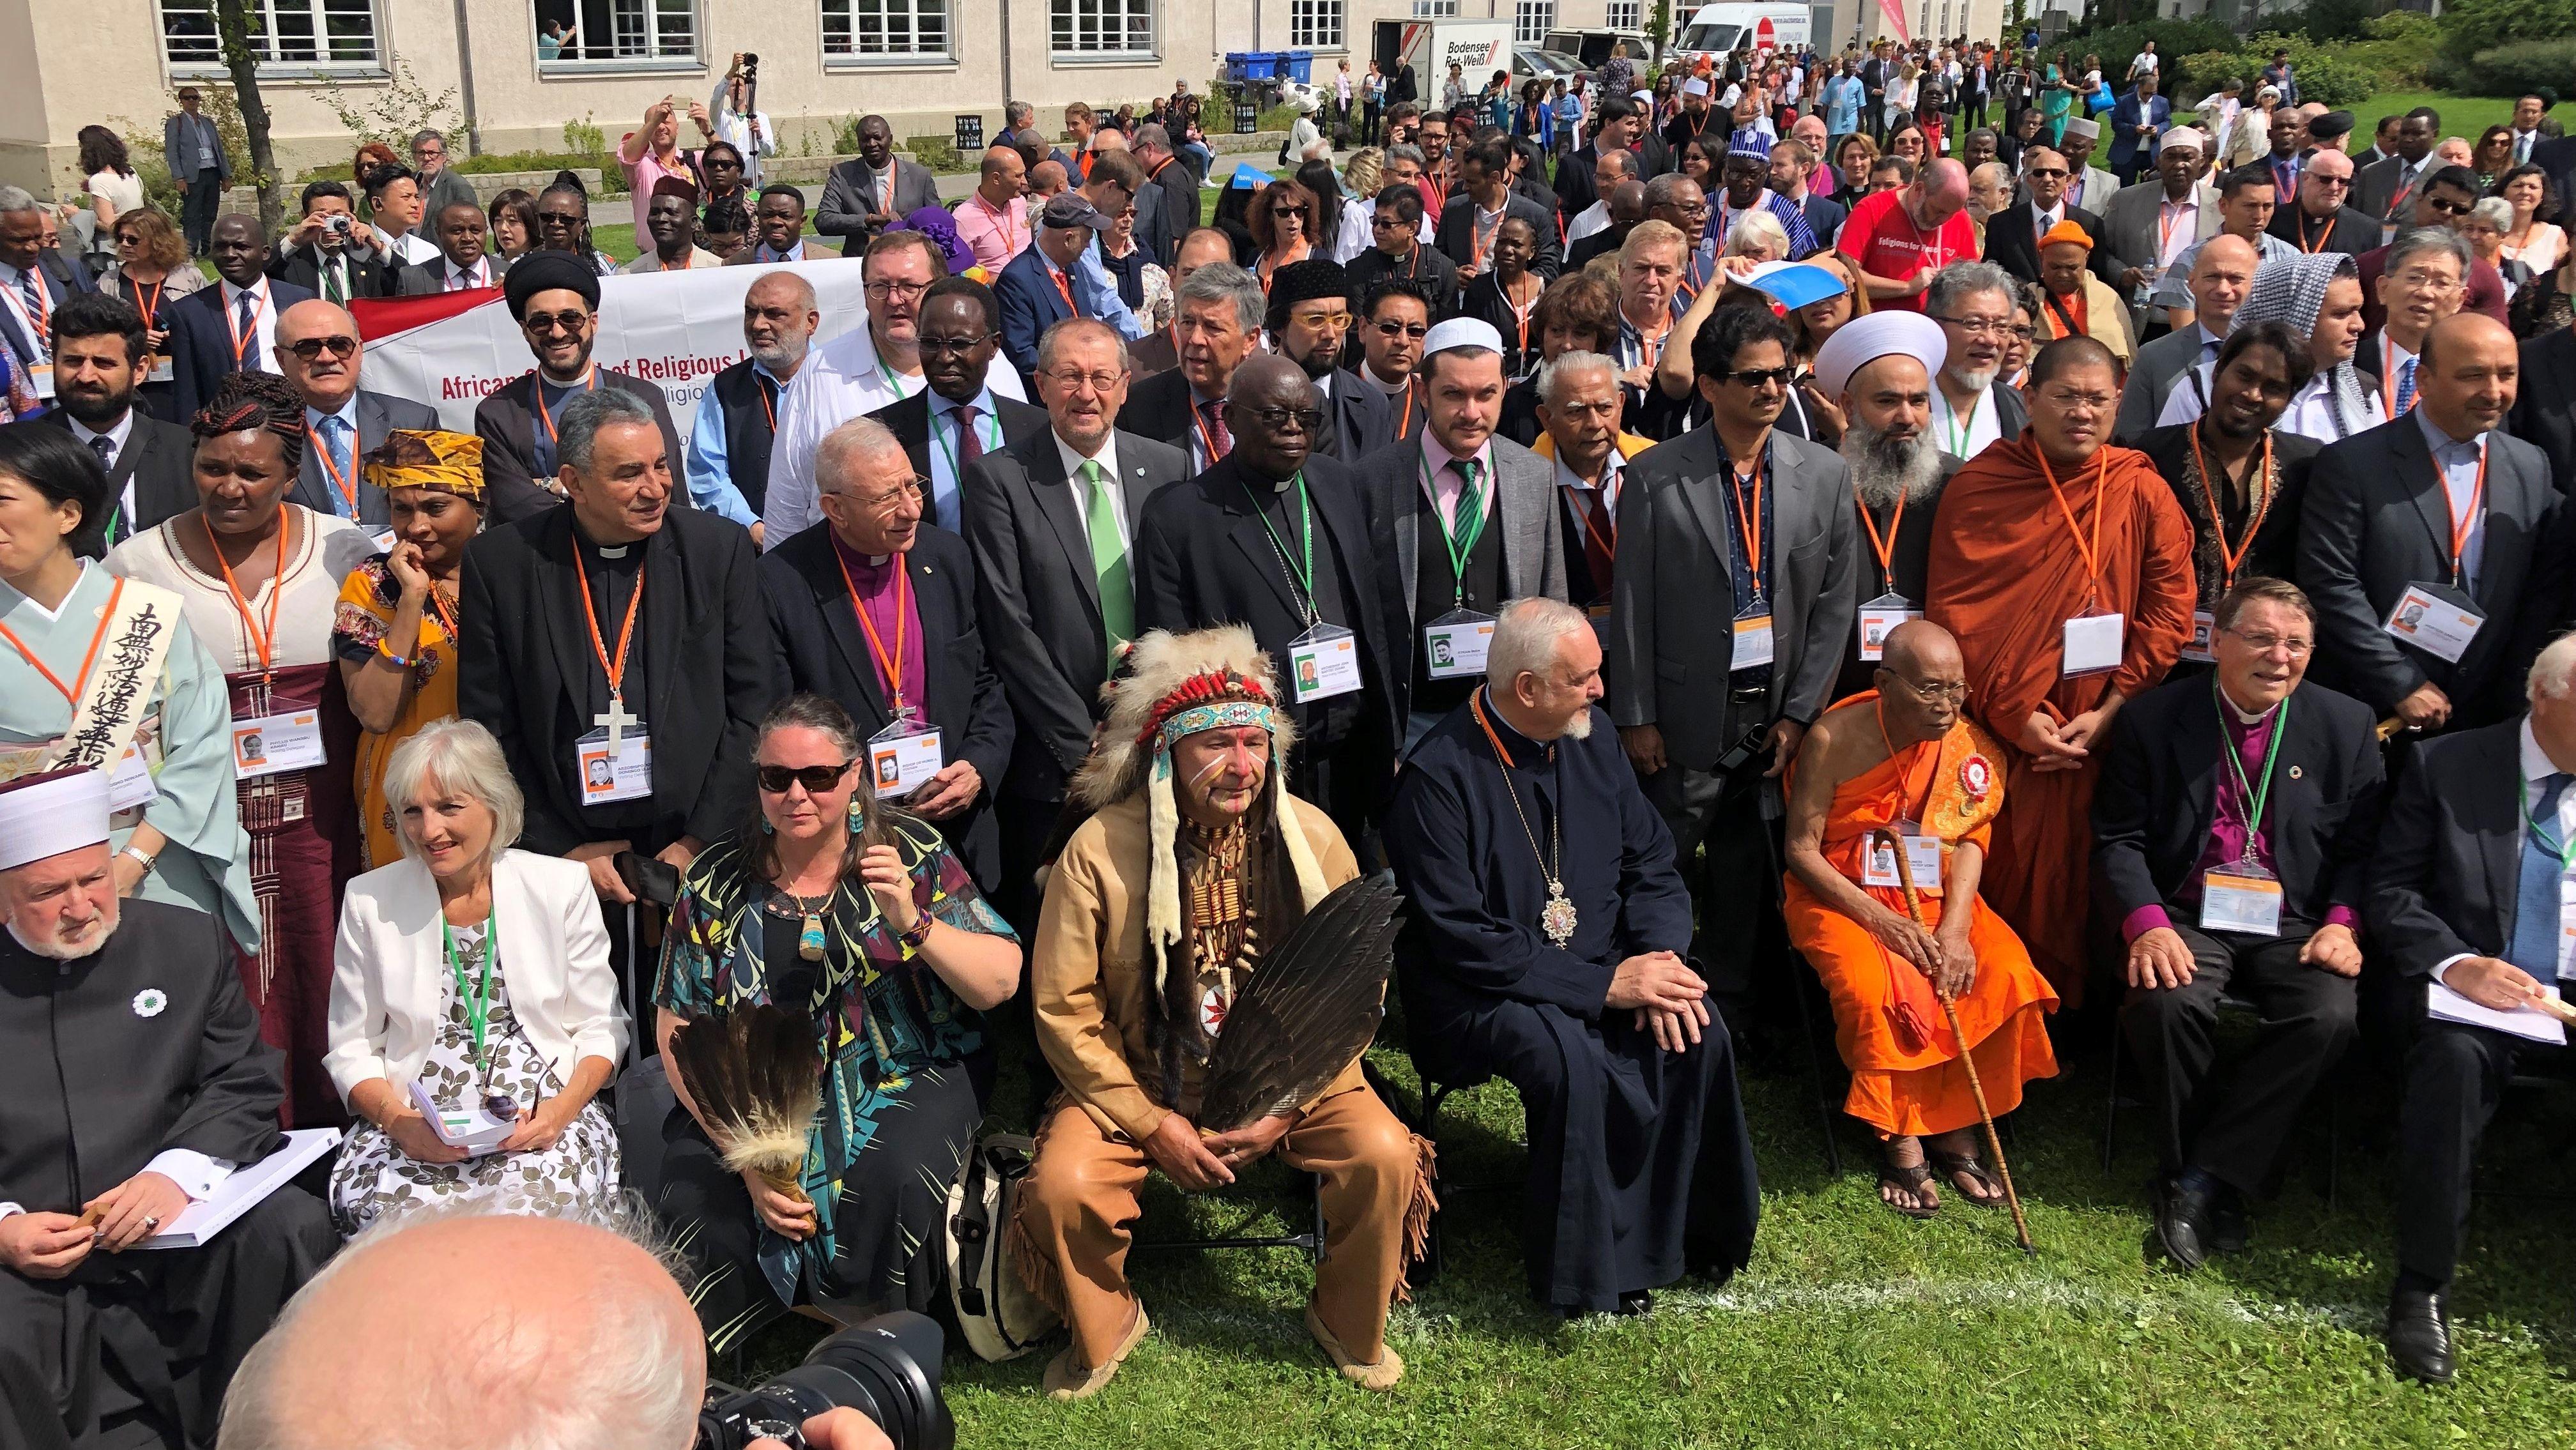 Teilnehmer des Friedensgipfels in Lindau am Bodensee.